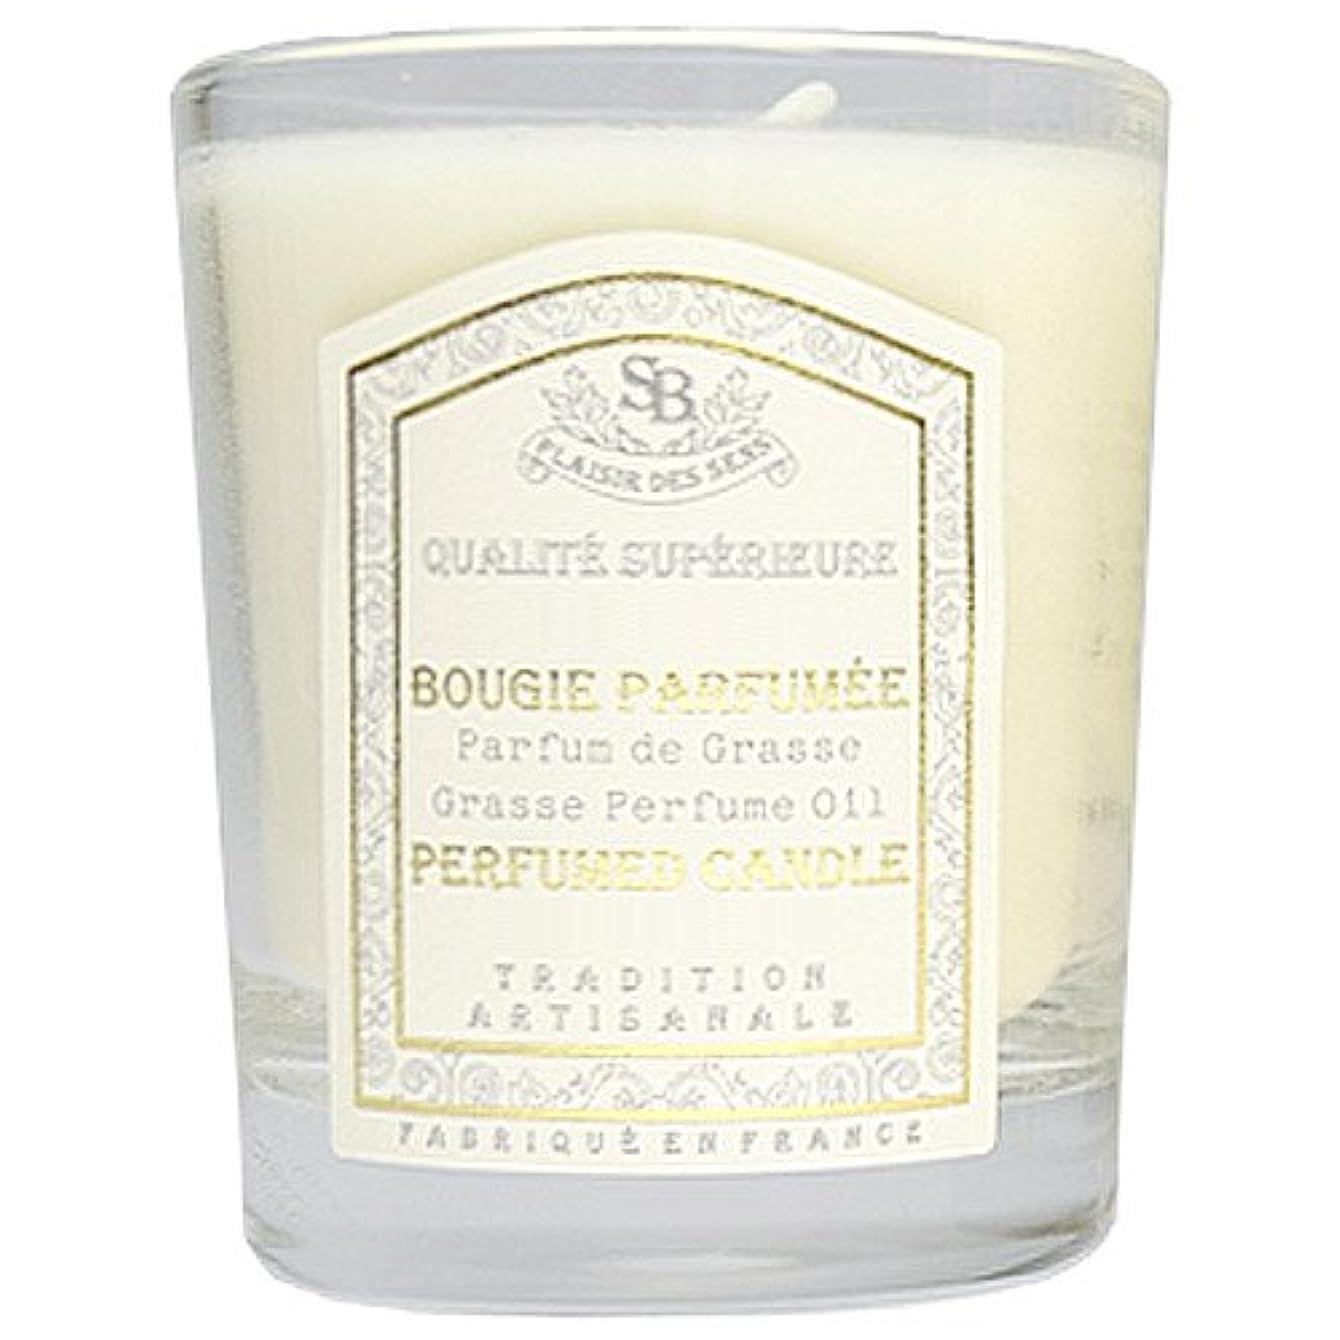 香水忘れっぽいバッジSenteur et Beaute(サンタールエボーテ) フレンチクラシックシリーズ グラスキャンドル 90g 「ホワイトティー」 4994228021991